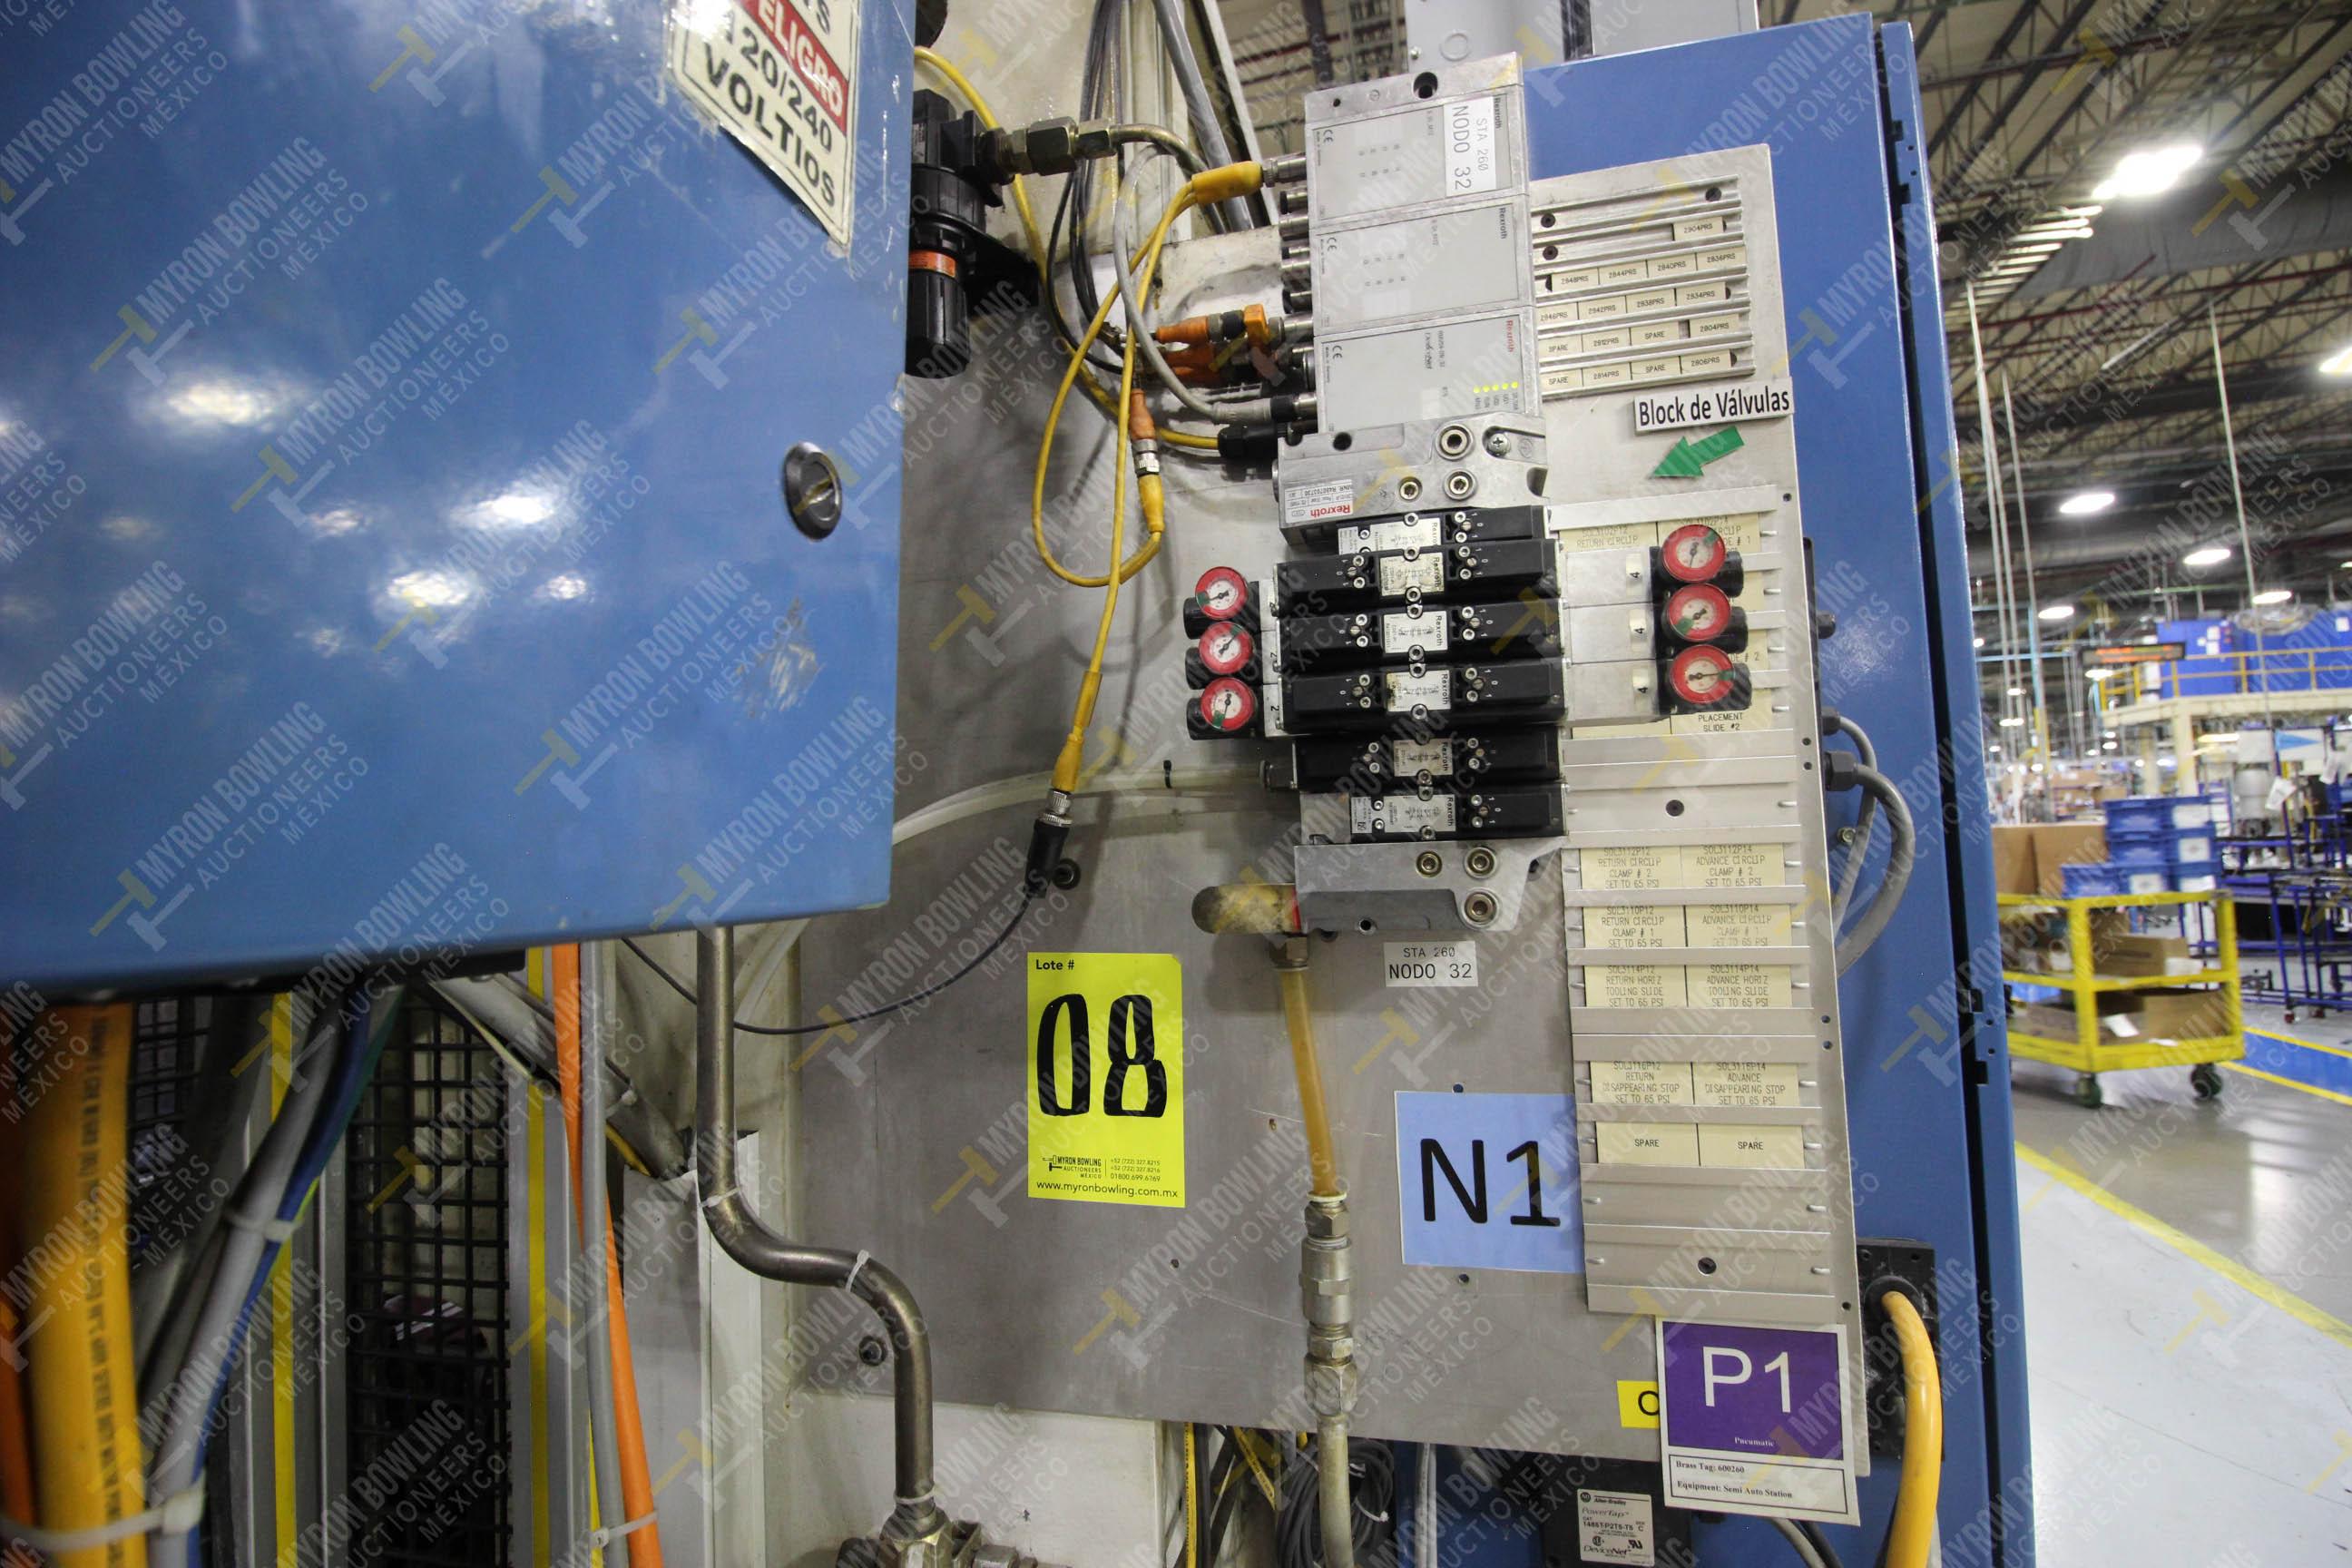 Estación semiautomática para operación 260 de ensamble - Image 16 of 20